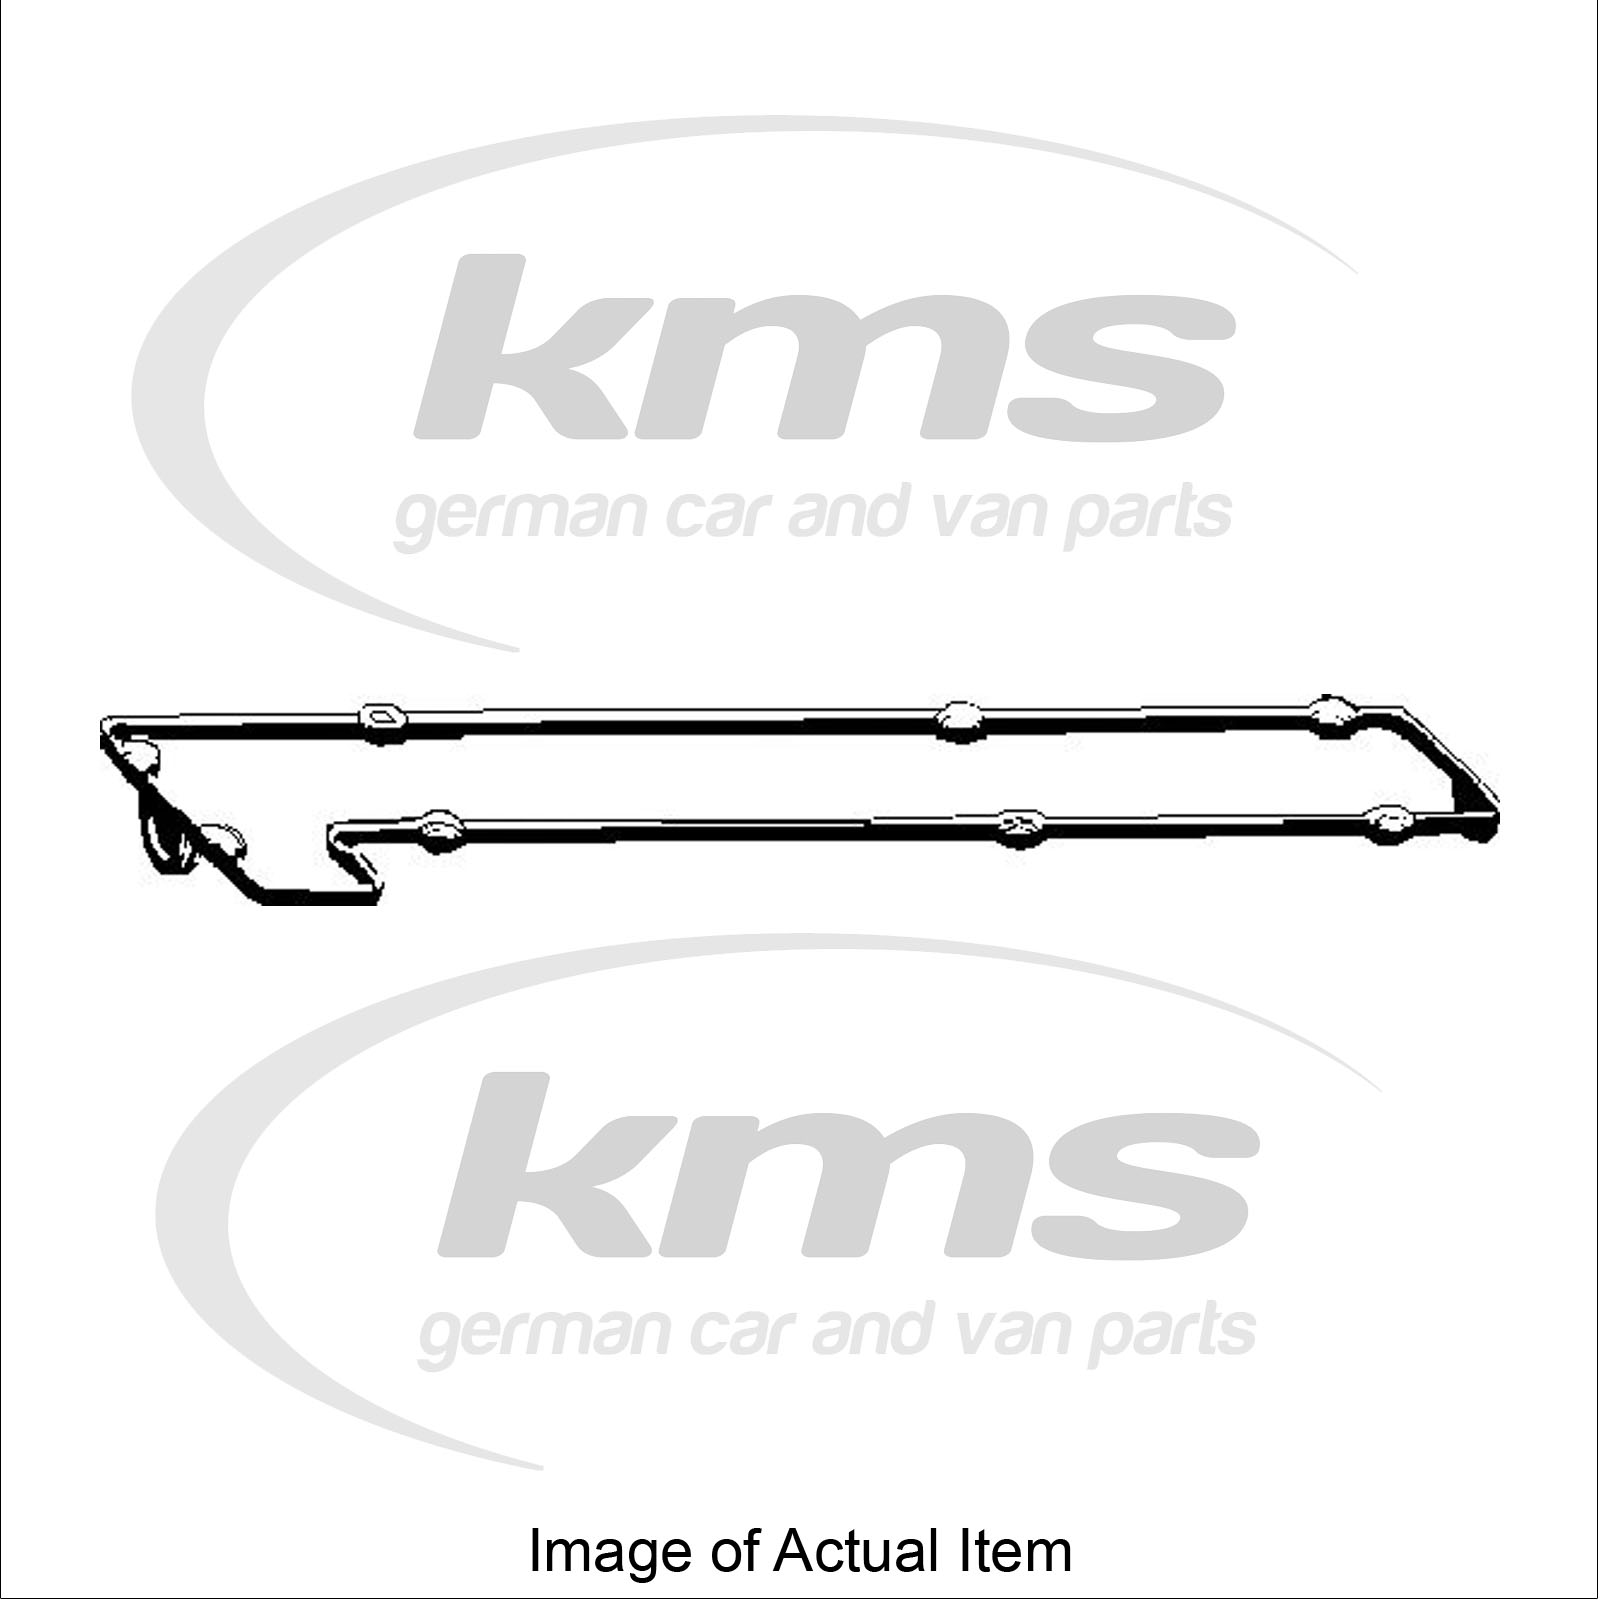 VALVE COVER GASKET MERCEDES G-CLASS (W460) 300 GD (460.3